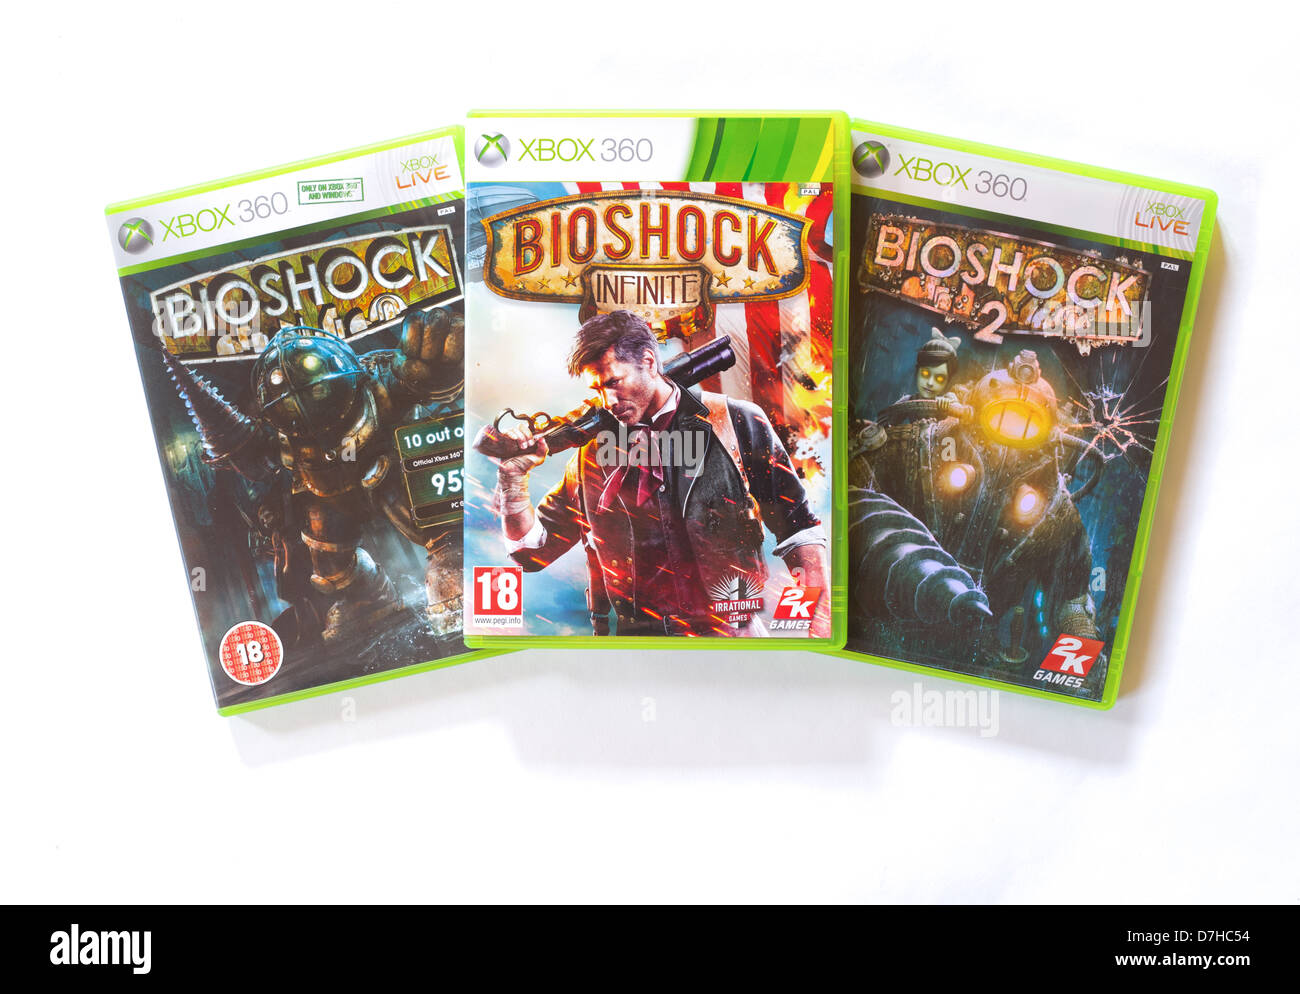 Bioshock juegos para Xbox 360. Bioshock 1, 2 e infinito. Desarrollado por Irrational Games y publicado por 2K Games. Foto de stock